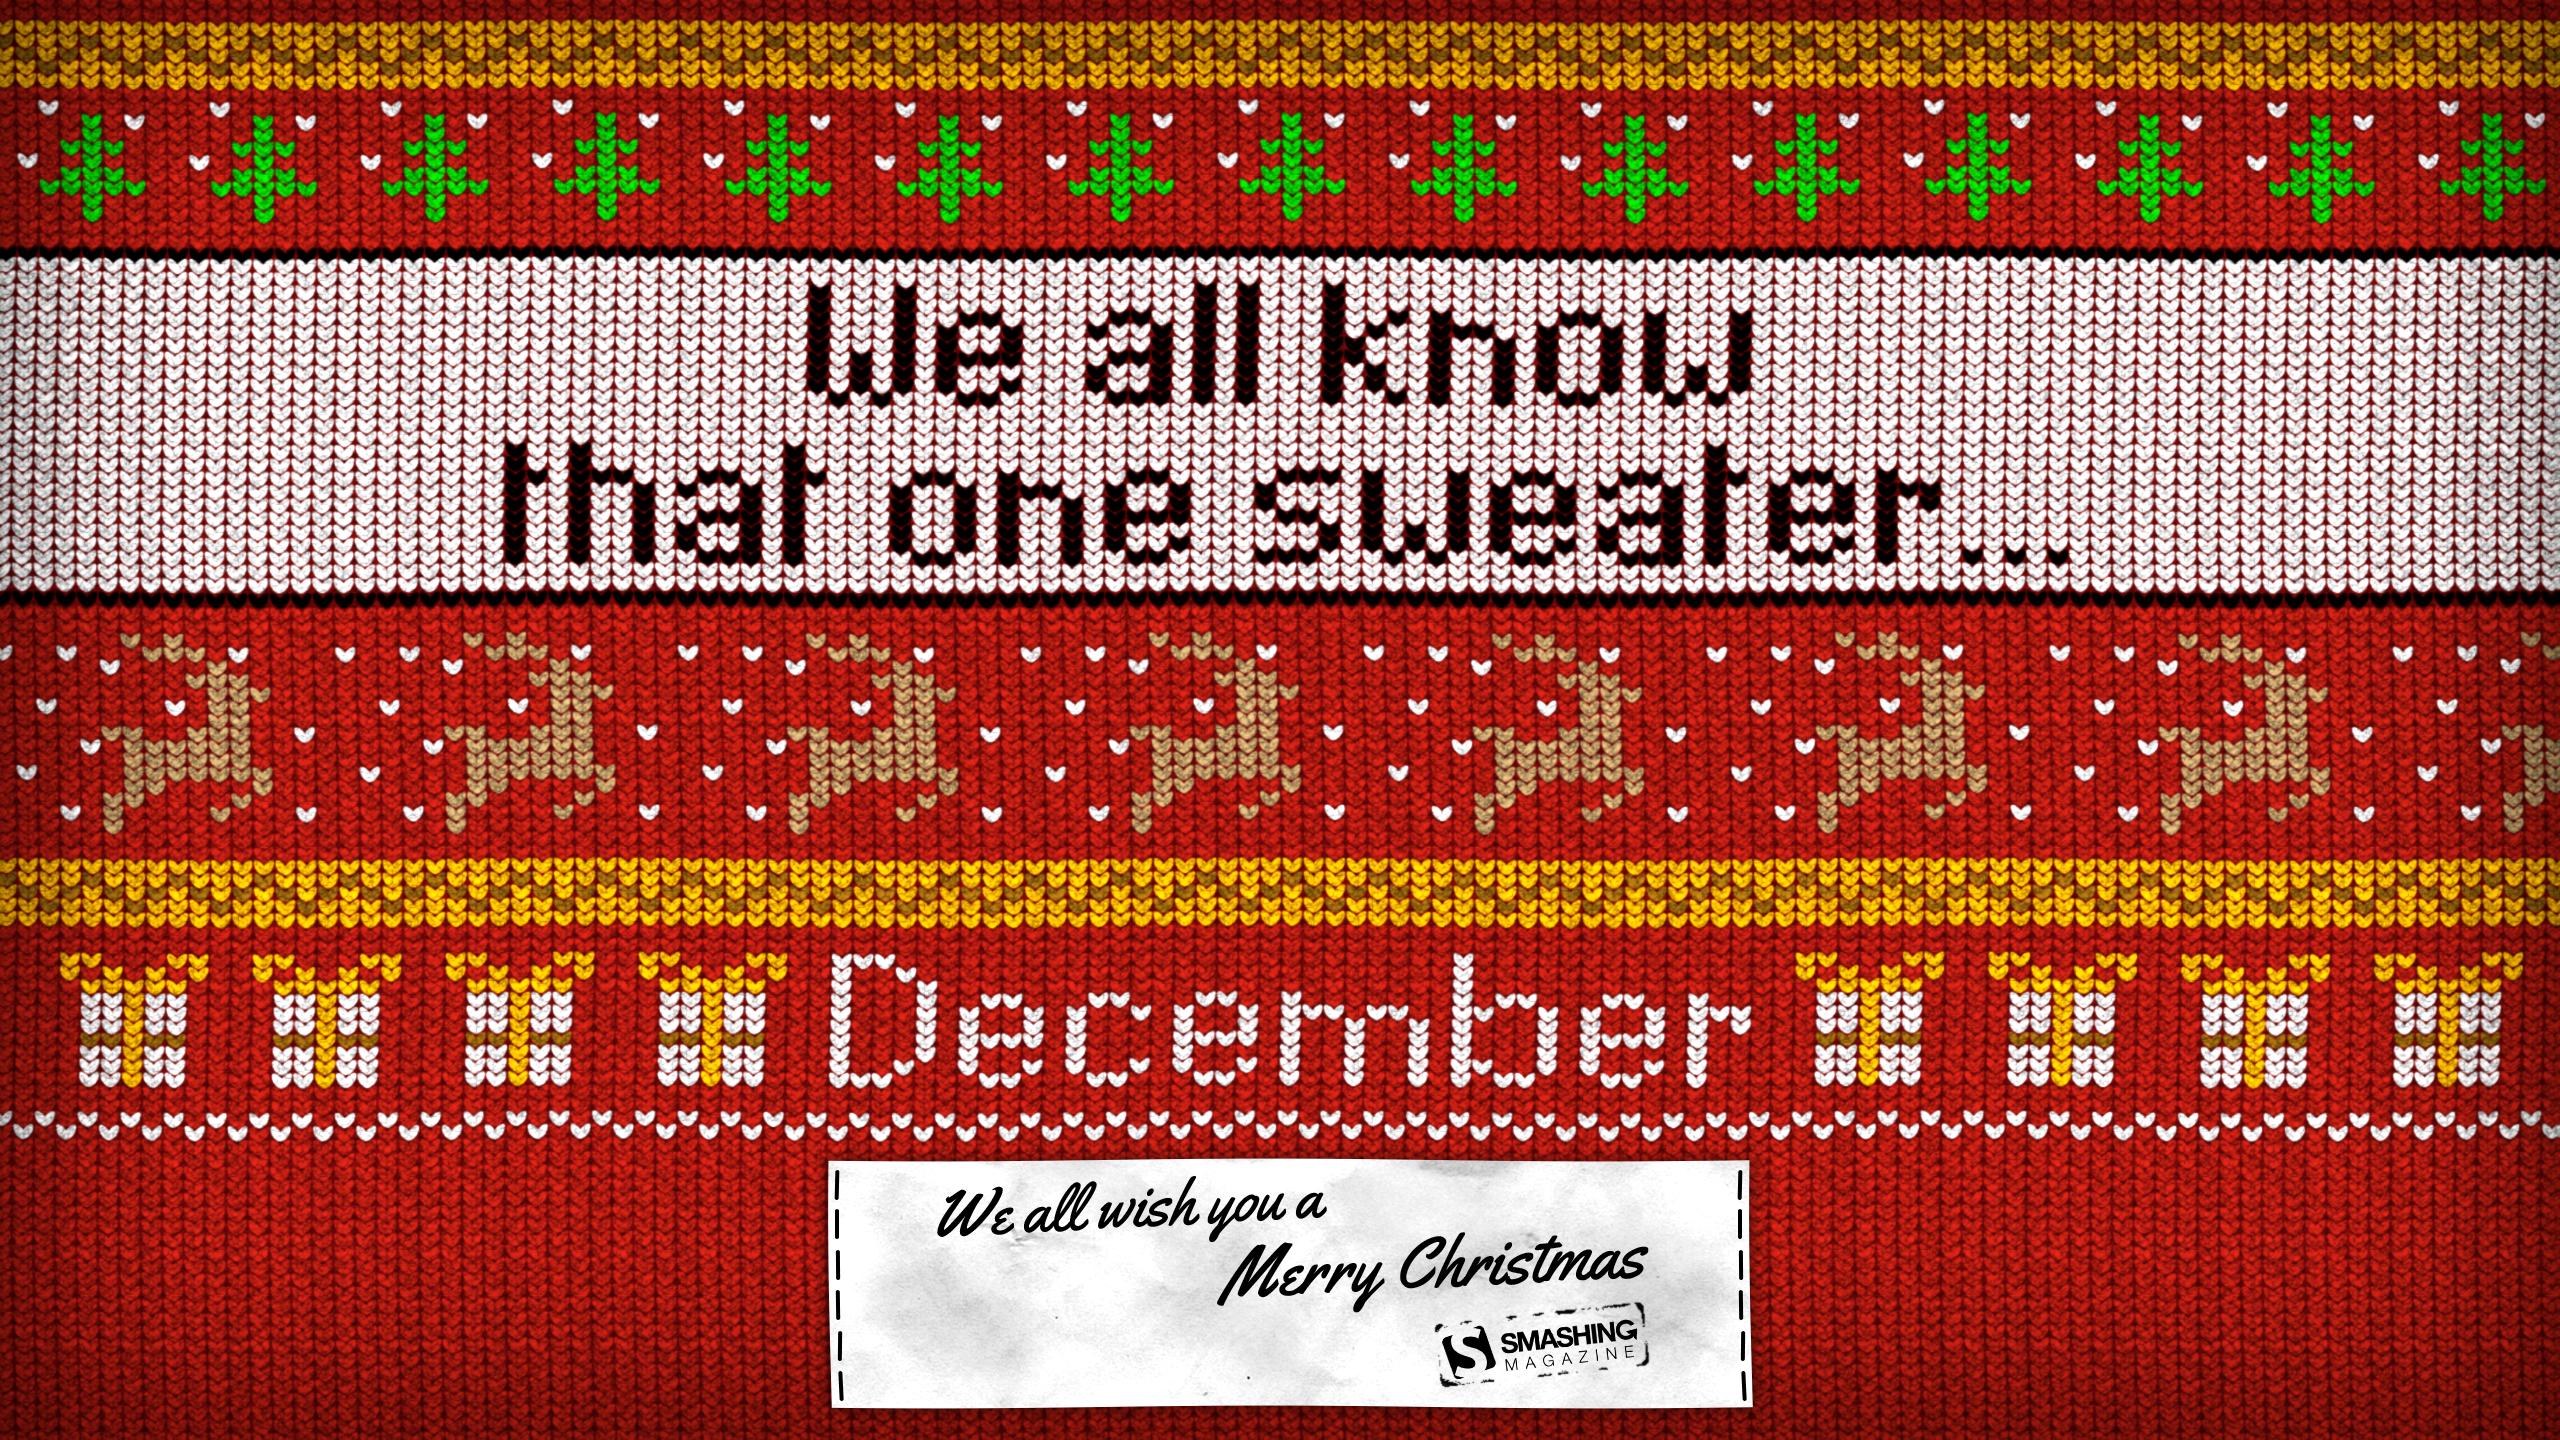 merry december - Christmas Sweater Wallpaper